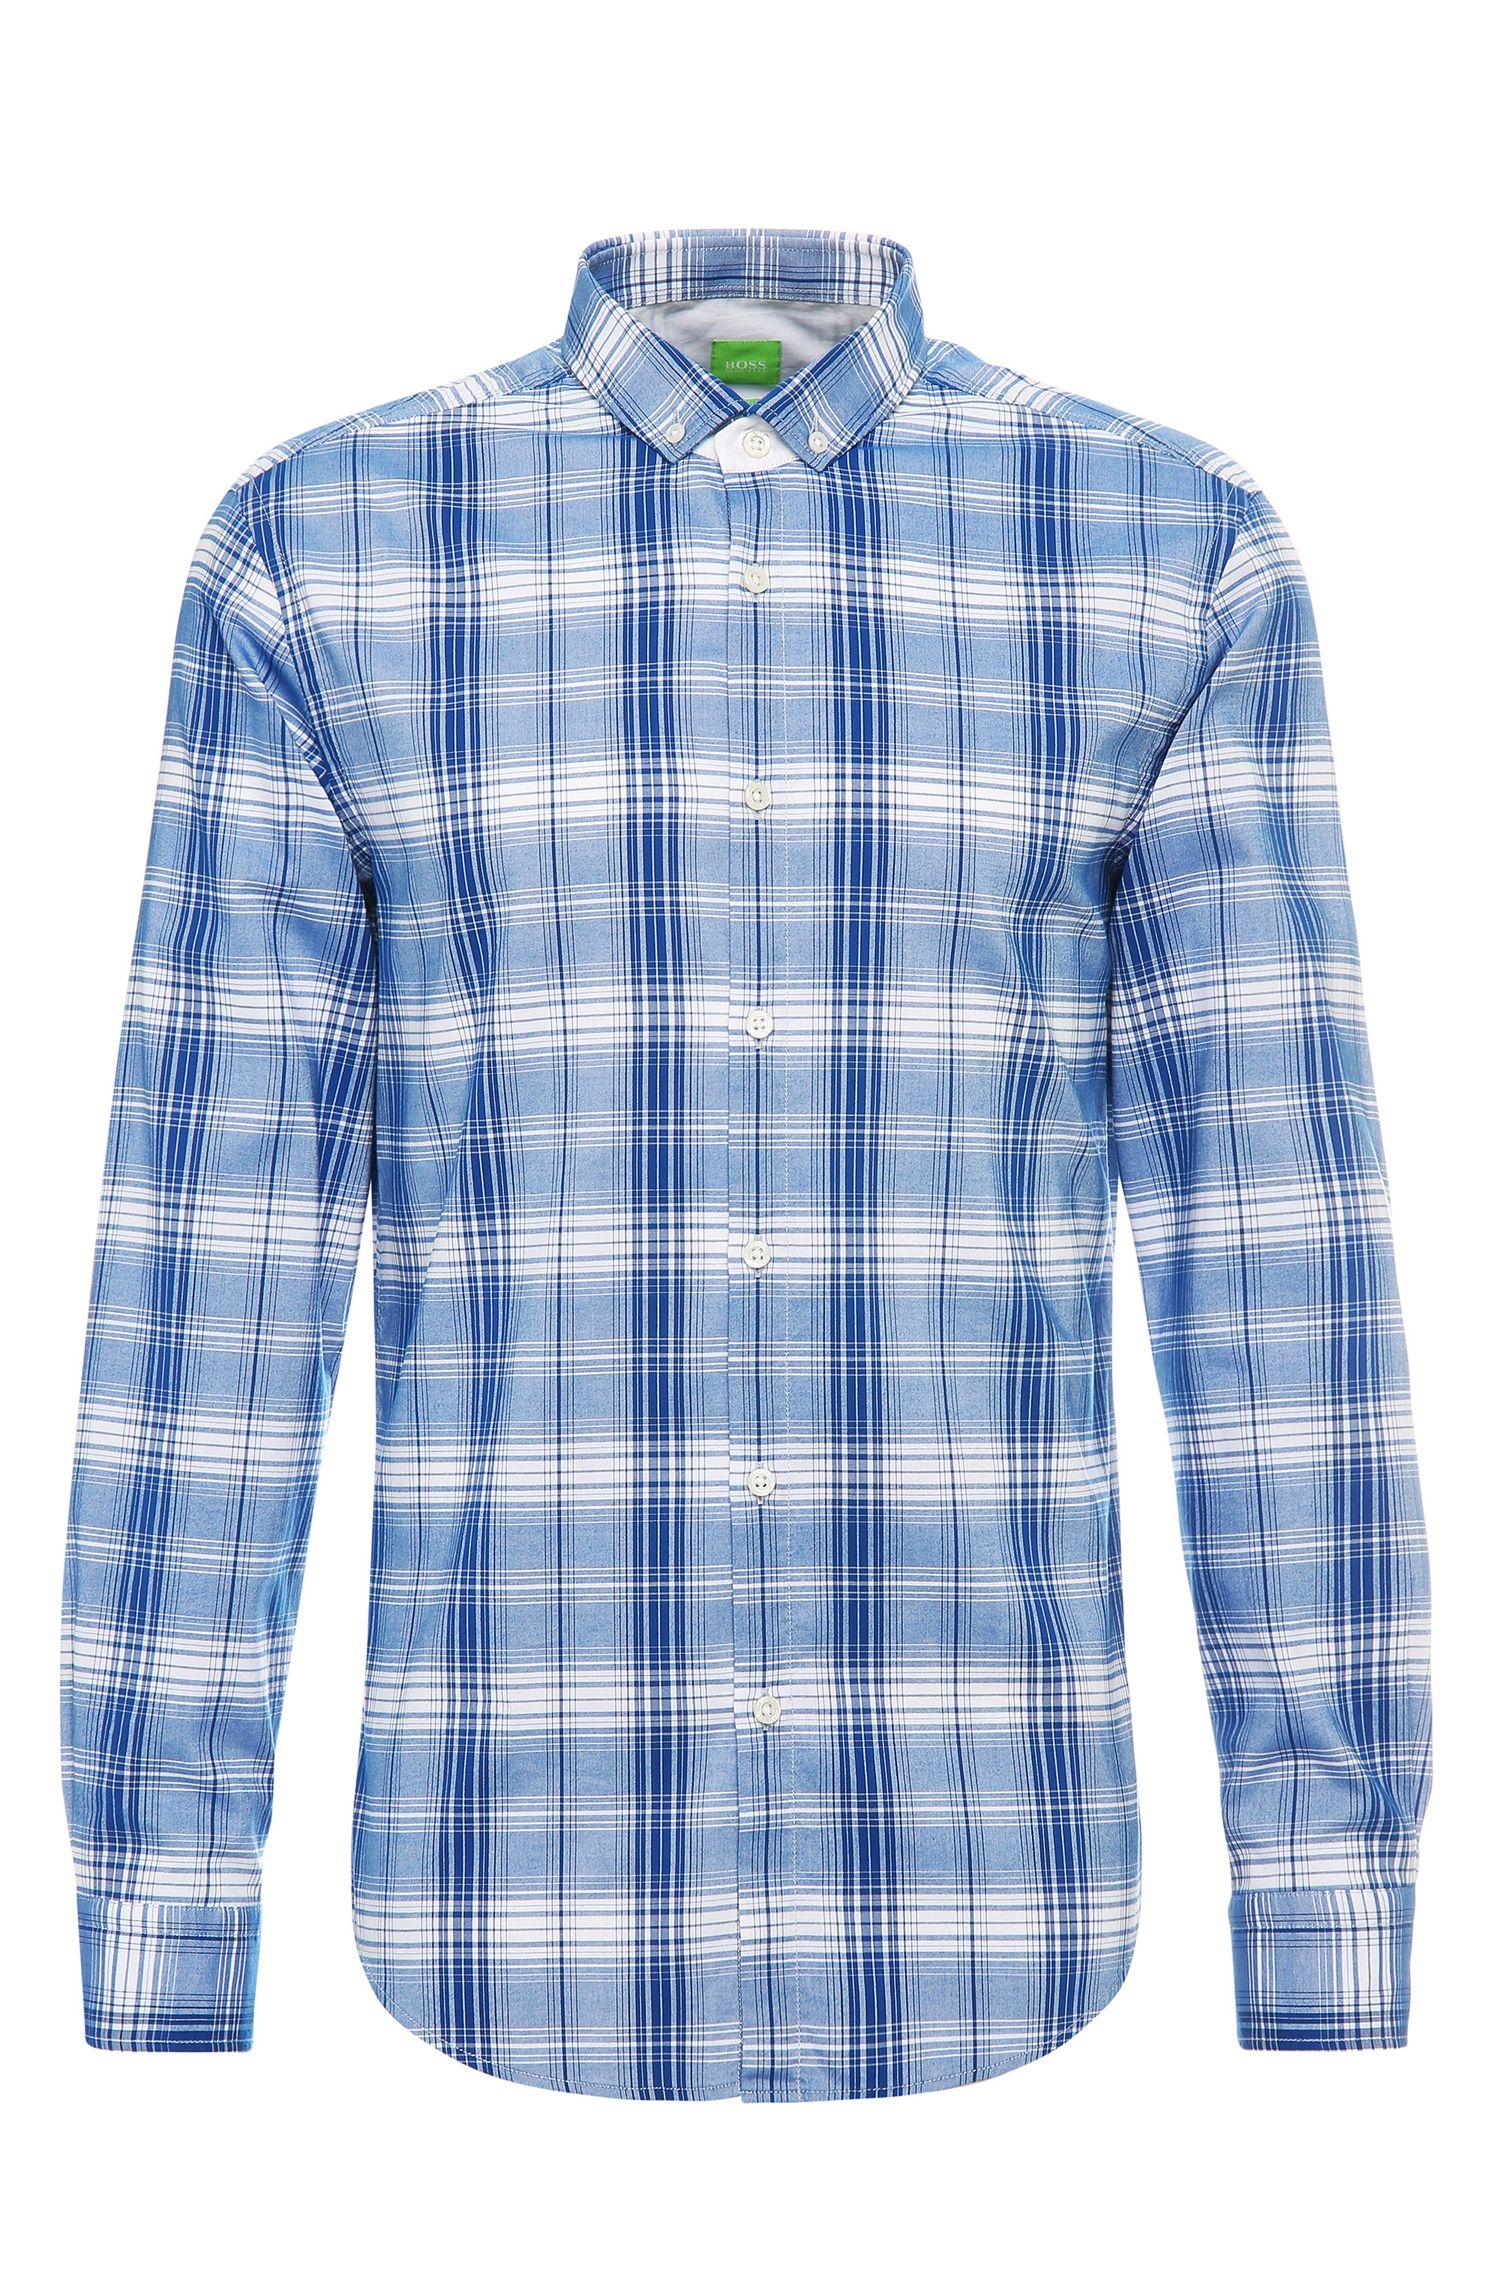 Plaid Cotton Button Down Shirt, Slim Fit | C-Bilia